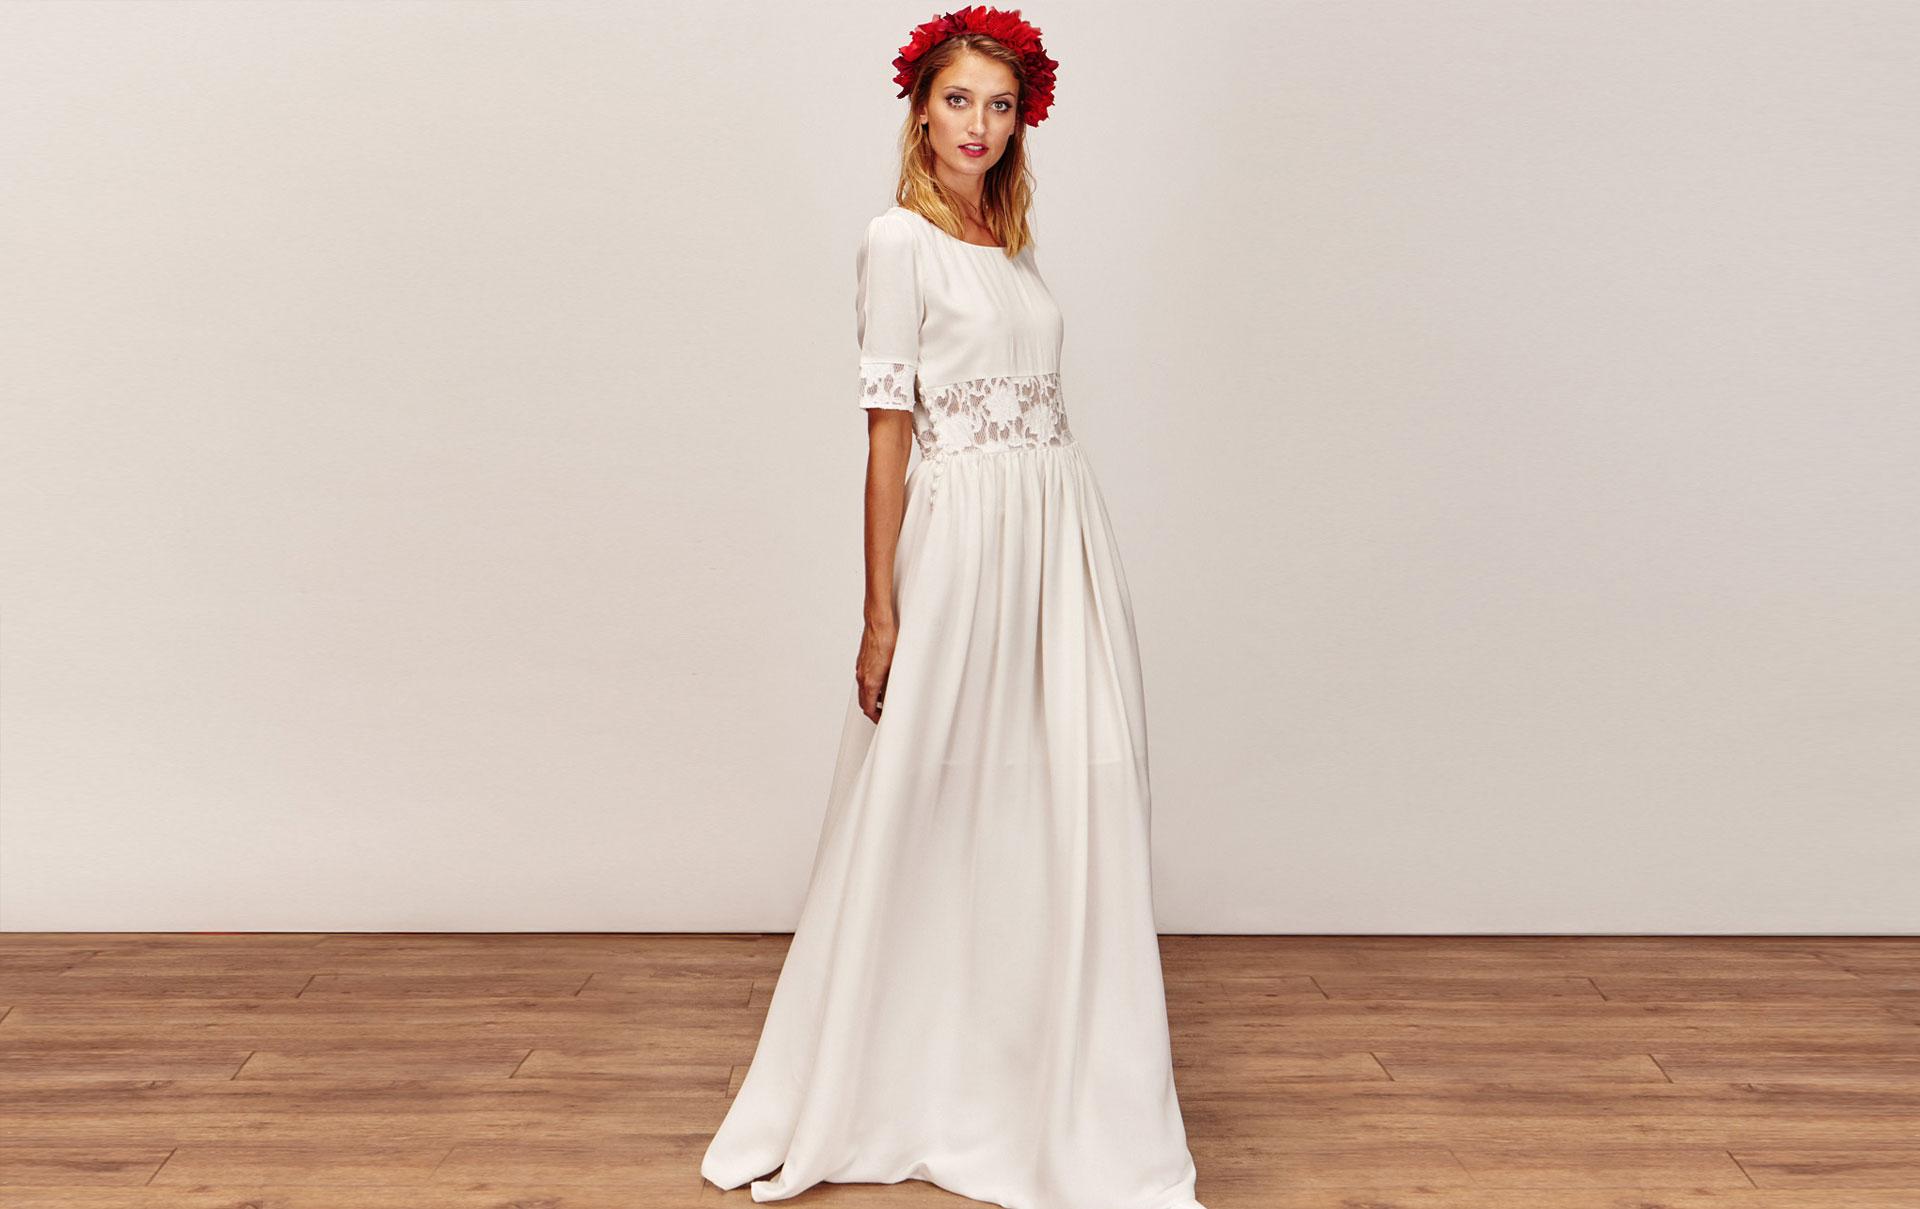 d87a5de58f2 Robe de mariée longue bohème effet crop-top en dentelle a manches longues  pas cher